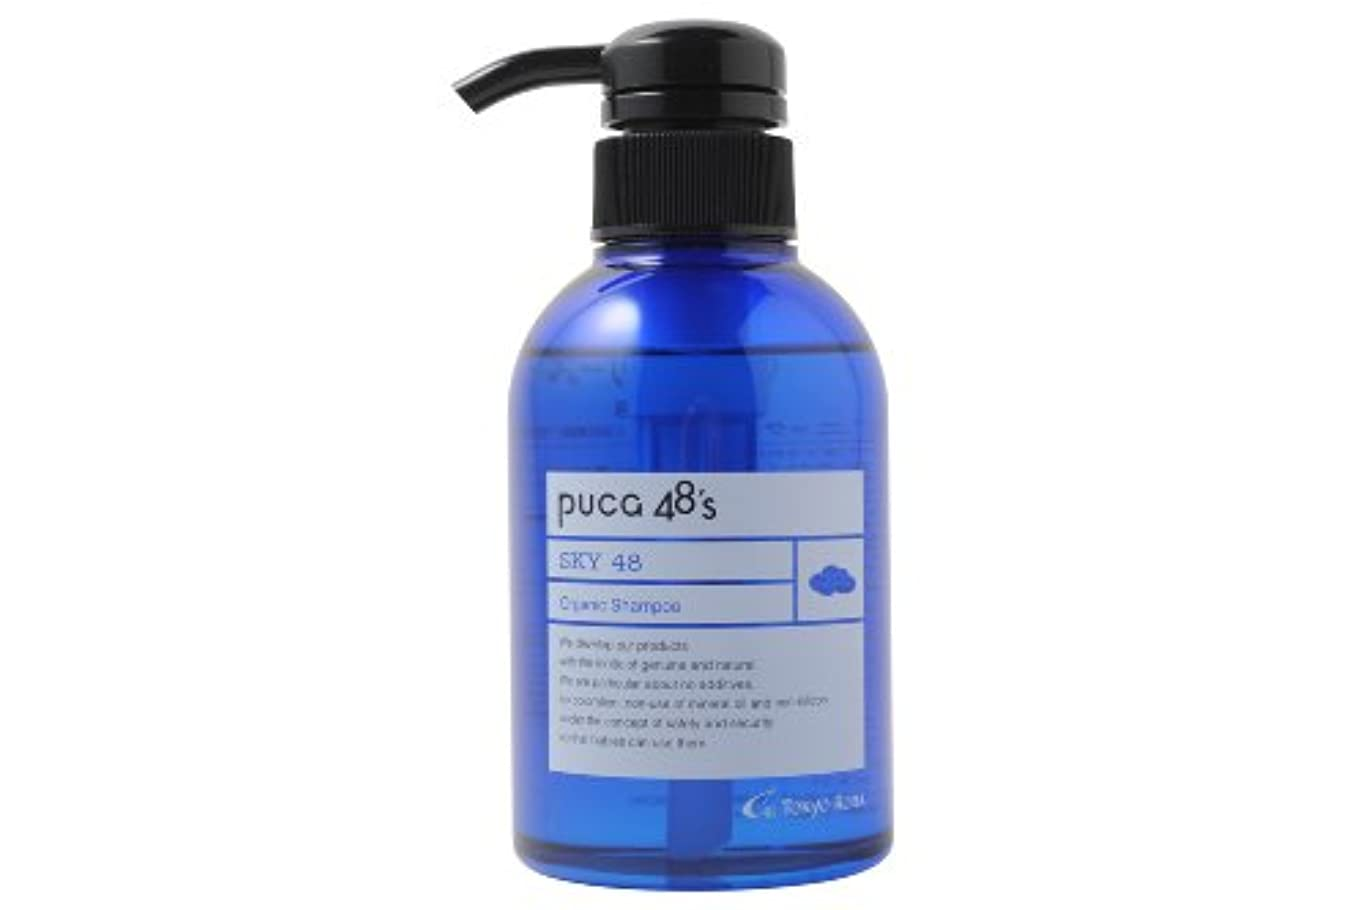 汚染する窓を洗う奪うプーカ48シリーズ SKY 48 オーガニックシャンプー(弱酸性?アミノ酸系) 300mL